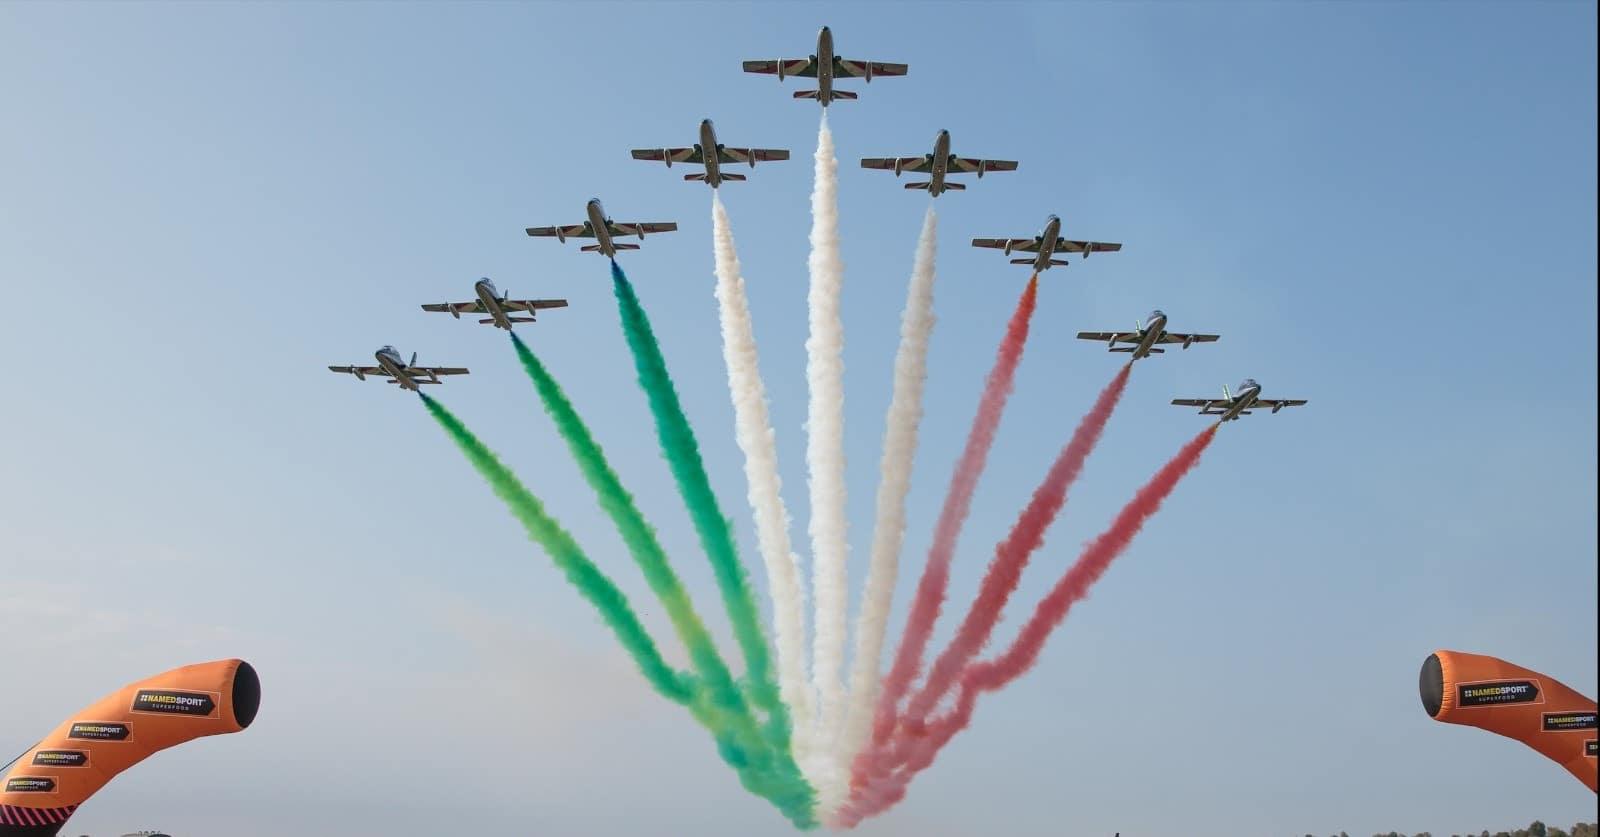 Frecce tricolori aeronautica.difesa.it